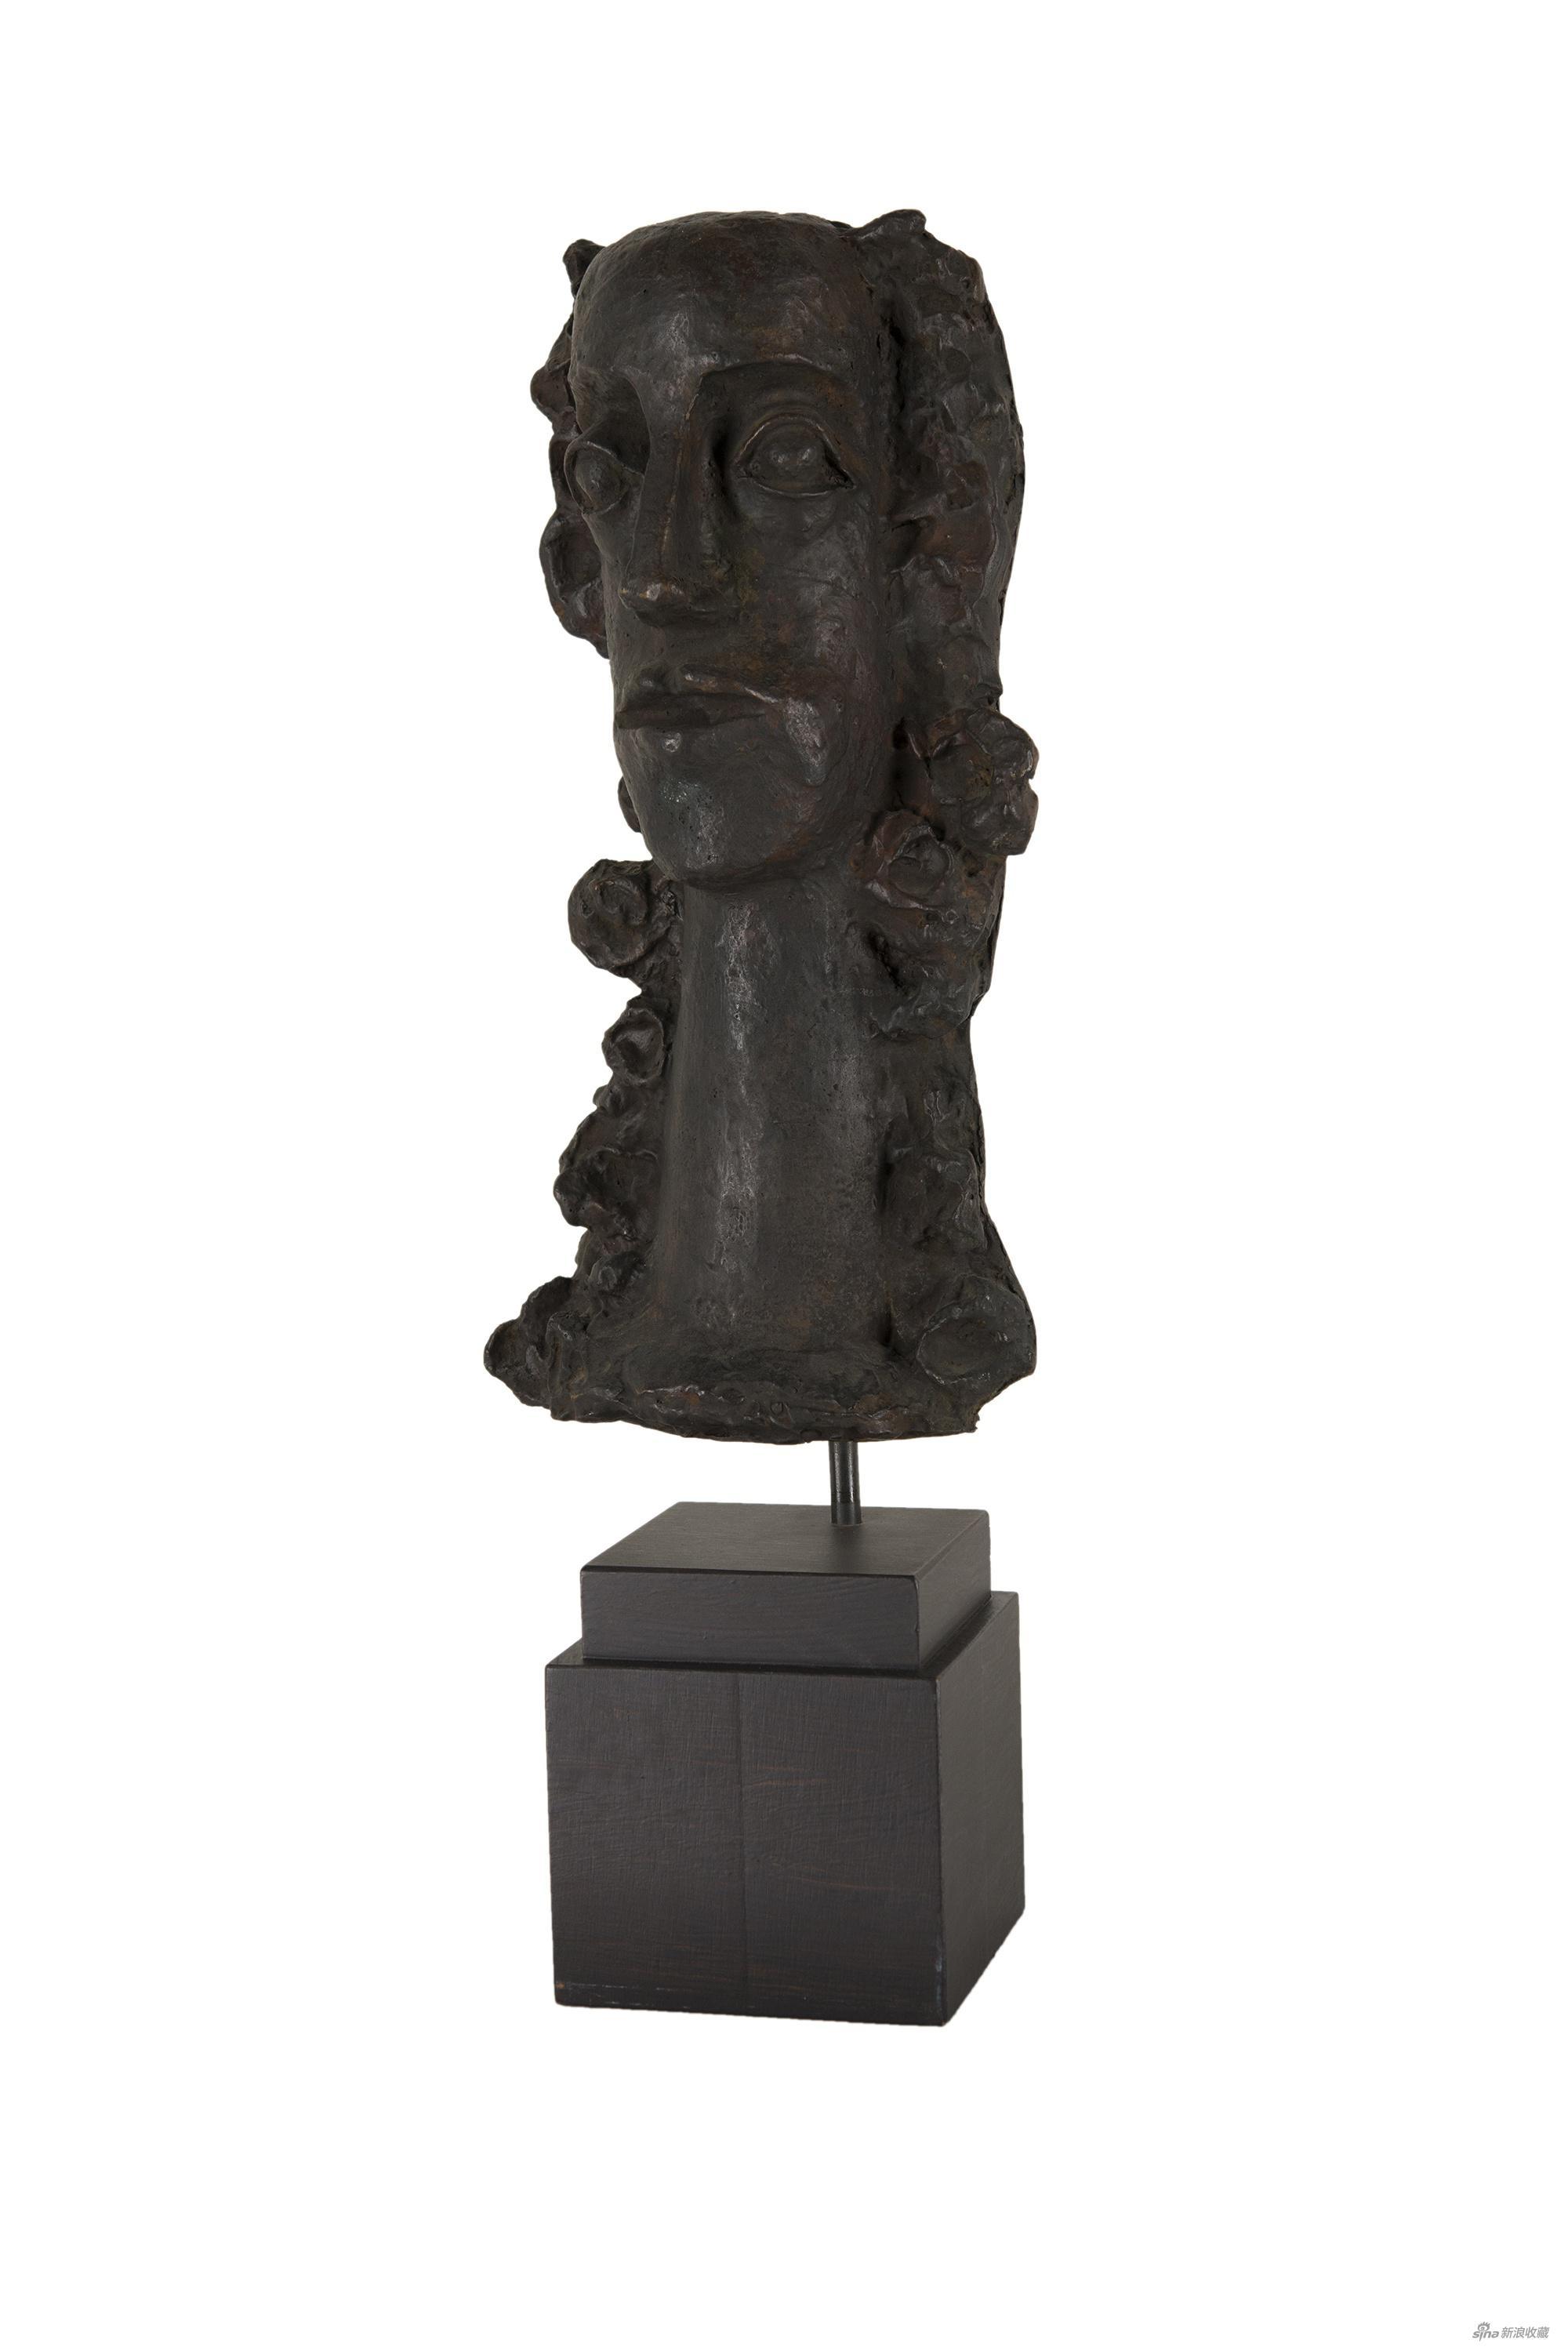 长发女人的胸像,安德烈·德朗,青铜雕塑,38.5×19×12cm,1938-1950年